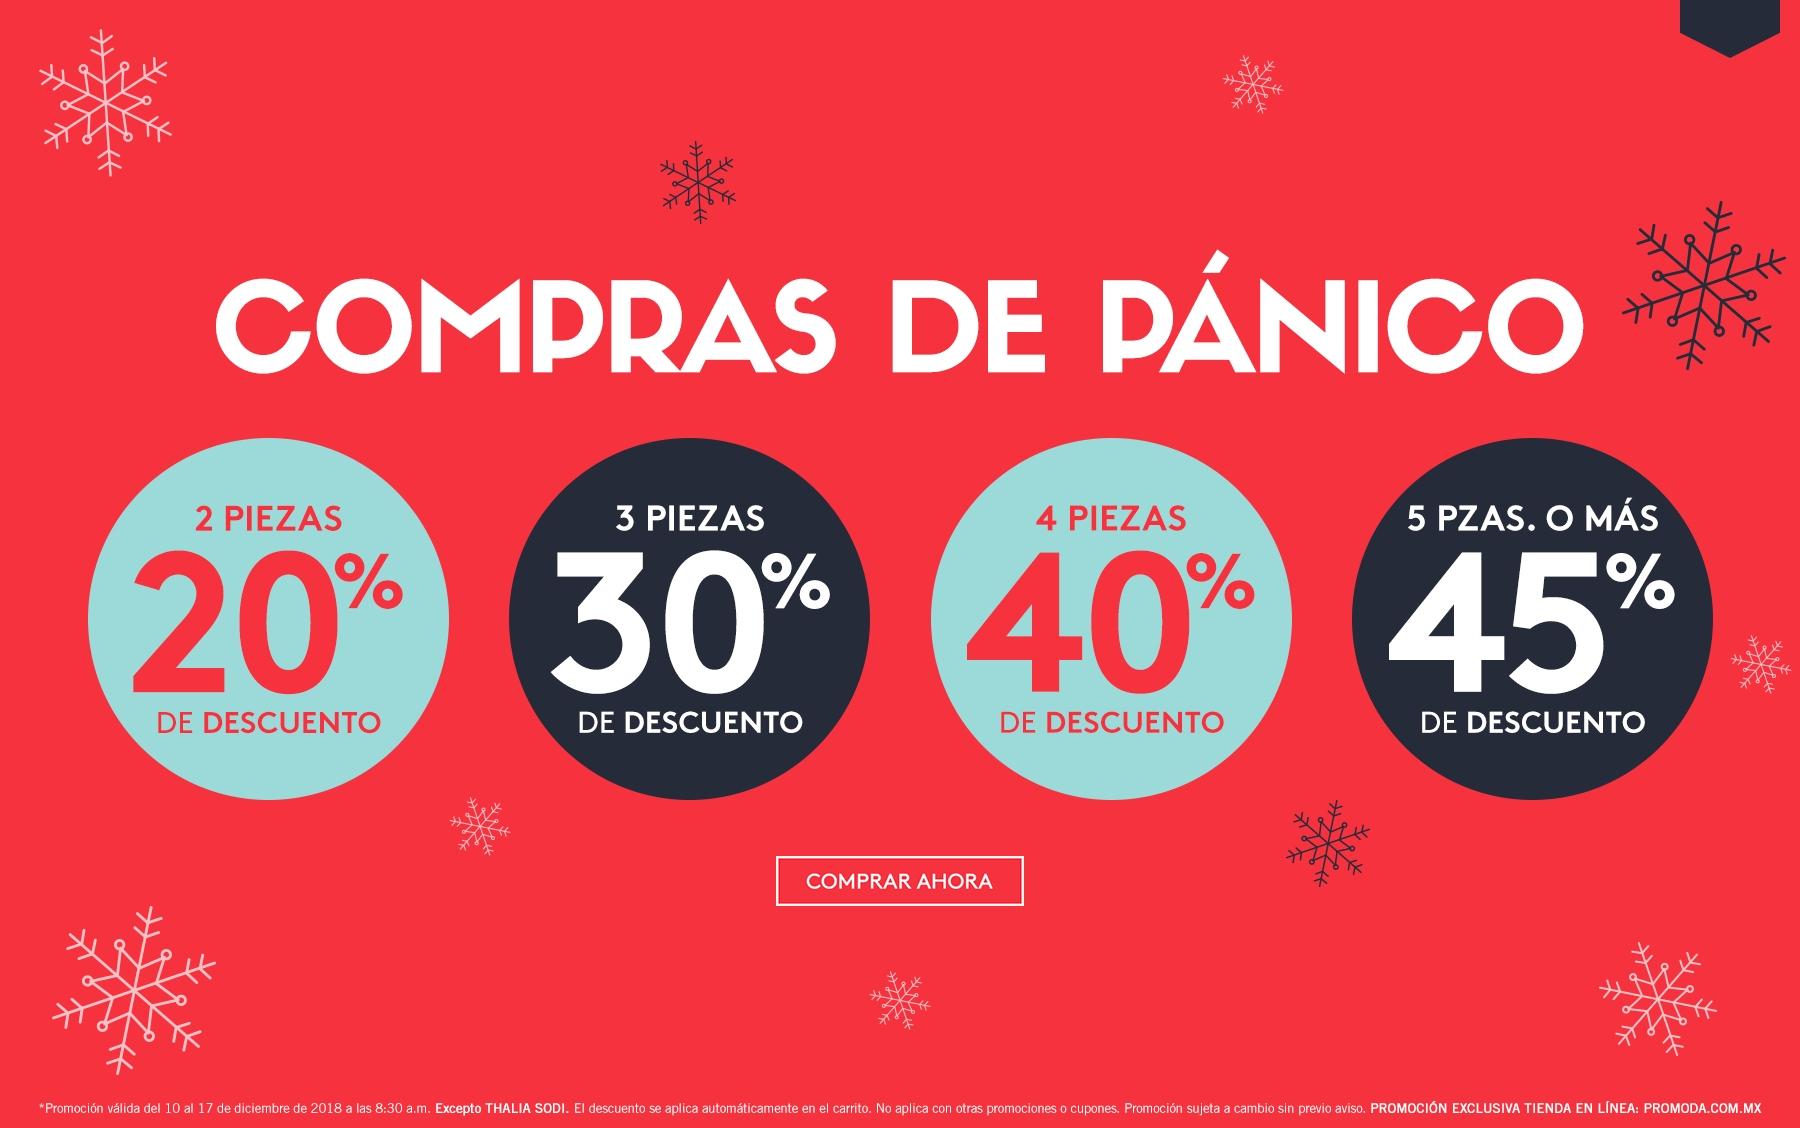 Promoda Outlet: Compras de Pánico: Descuentos Escalonados del 20% al 45% en tienda en línea